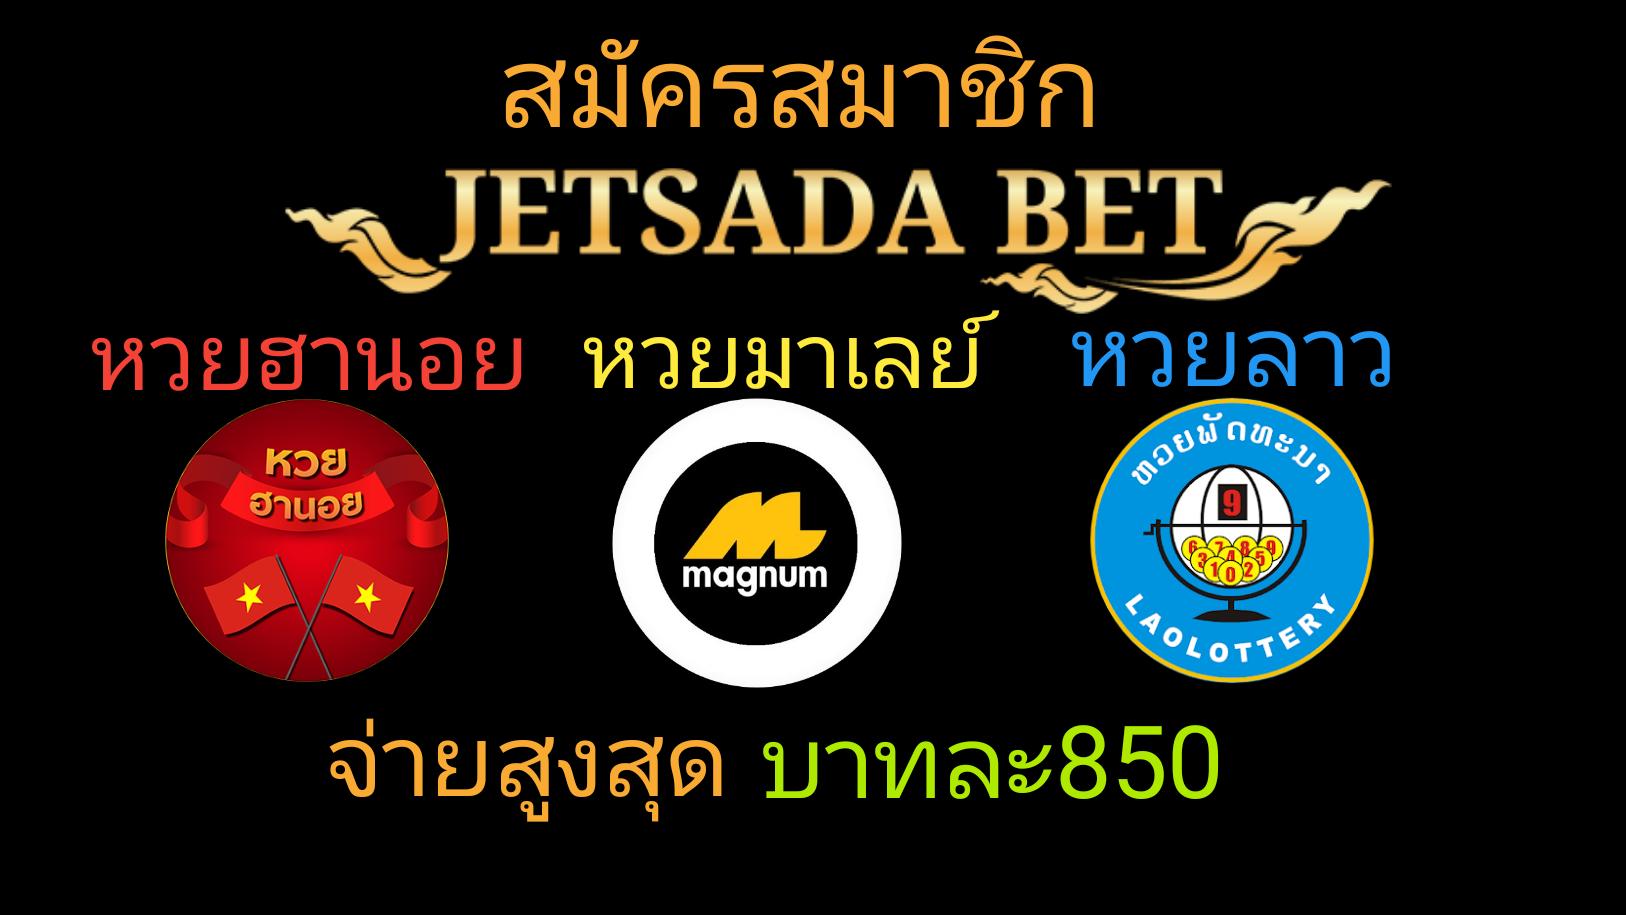 jetsadabet,แทงหวยออนไลน์,สมัครสมาชิกjetsadabet,ซื้อหวยฮานอย,รับแทงหวยฮานอย,เลขเด็ด,เจตสดาเบท ,หวยฮานอยเด็ด ๆ